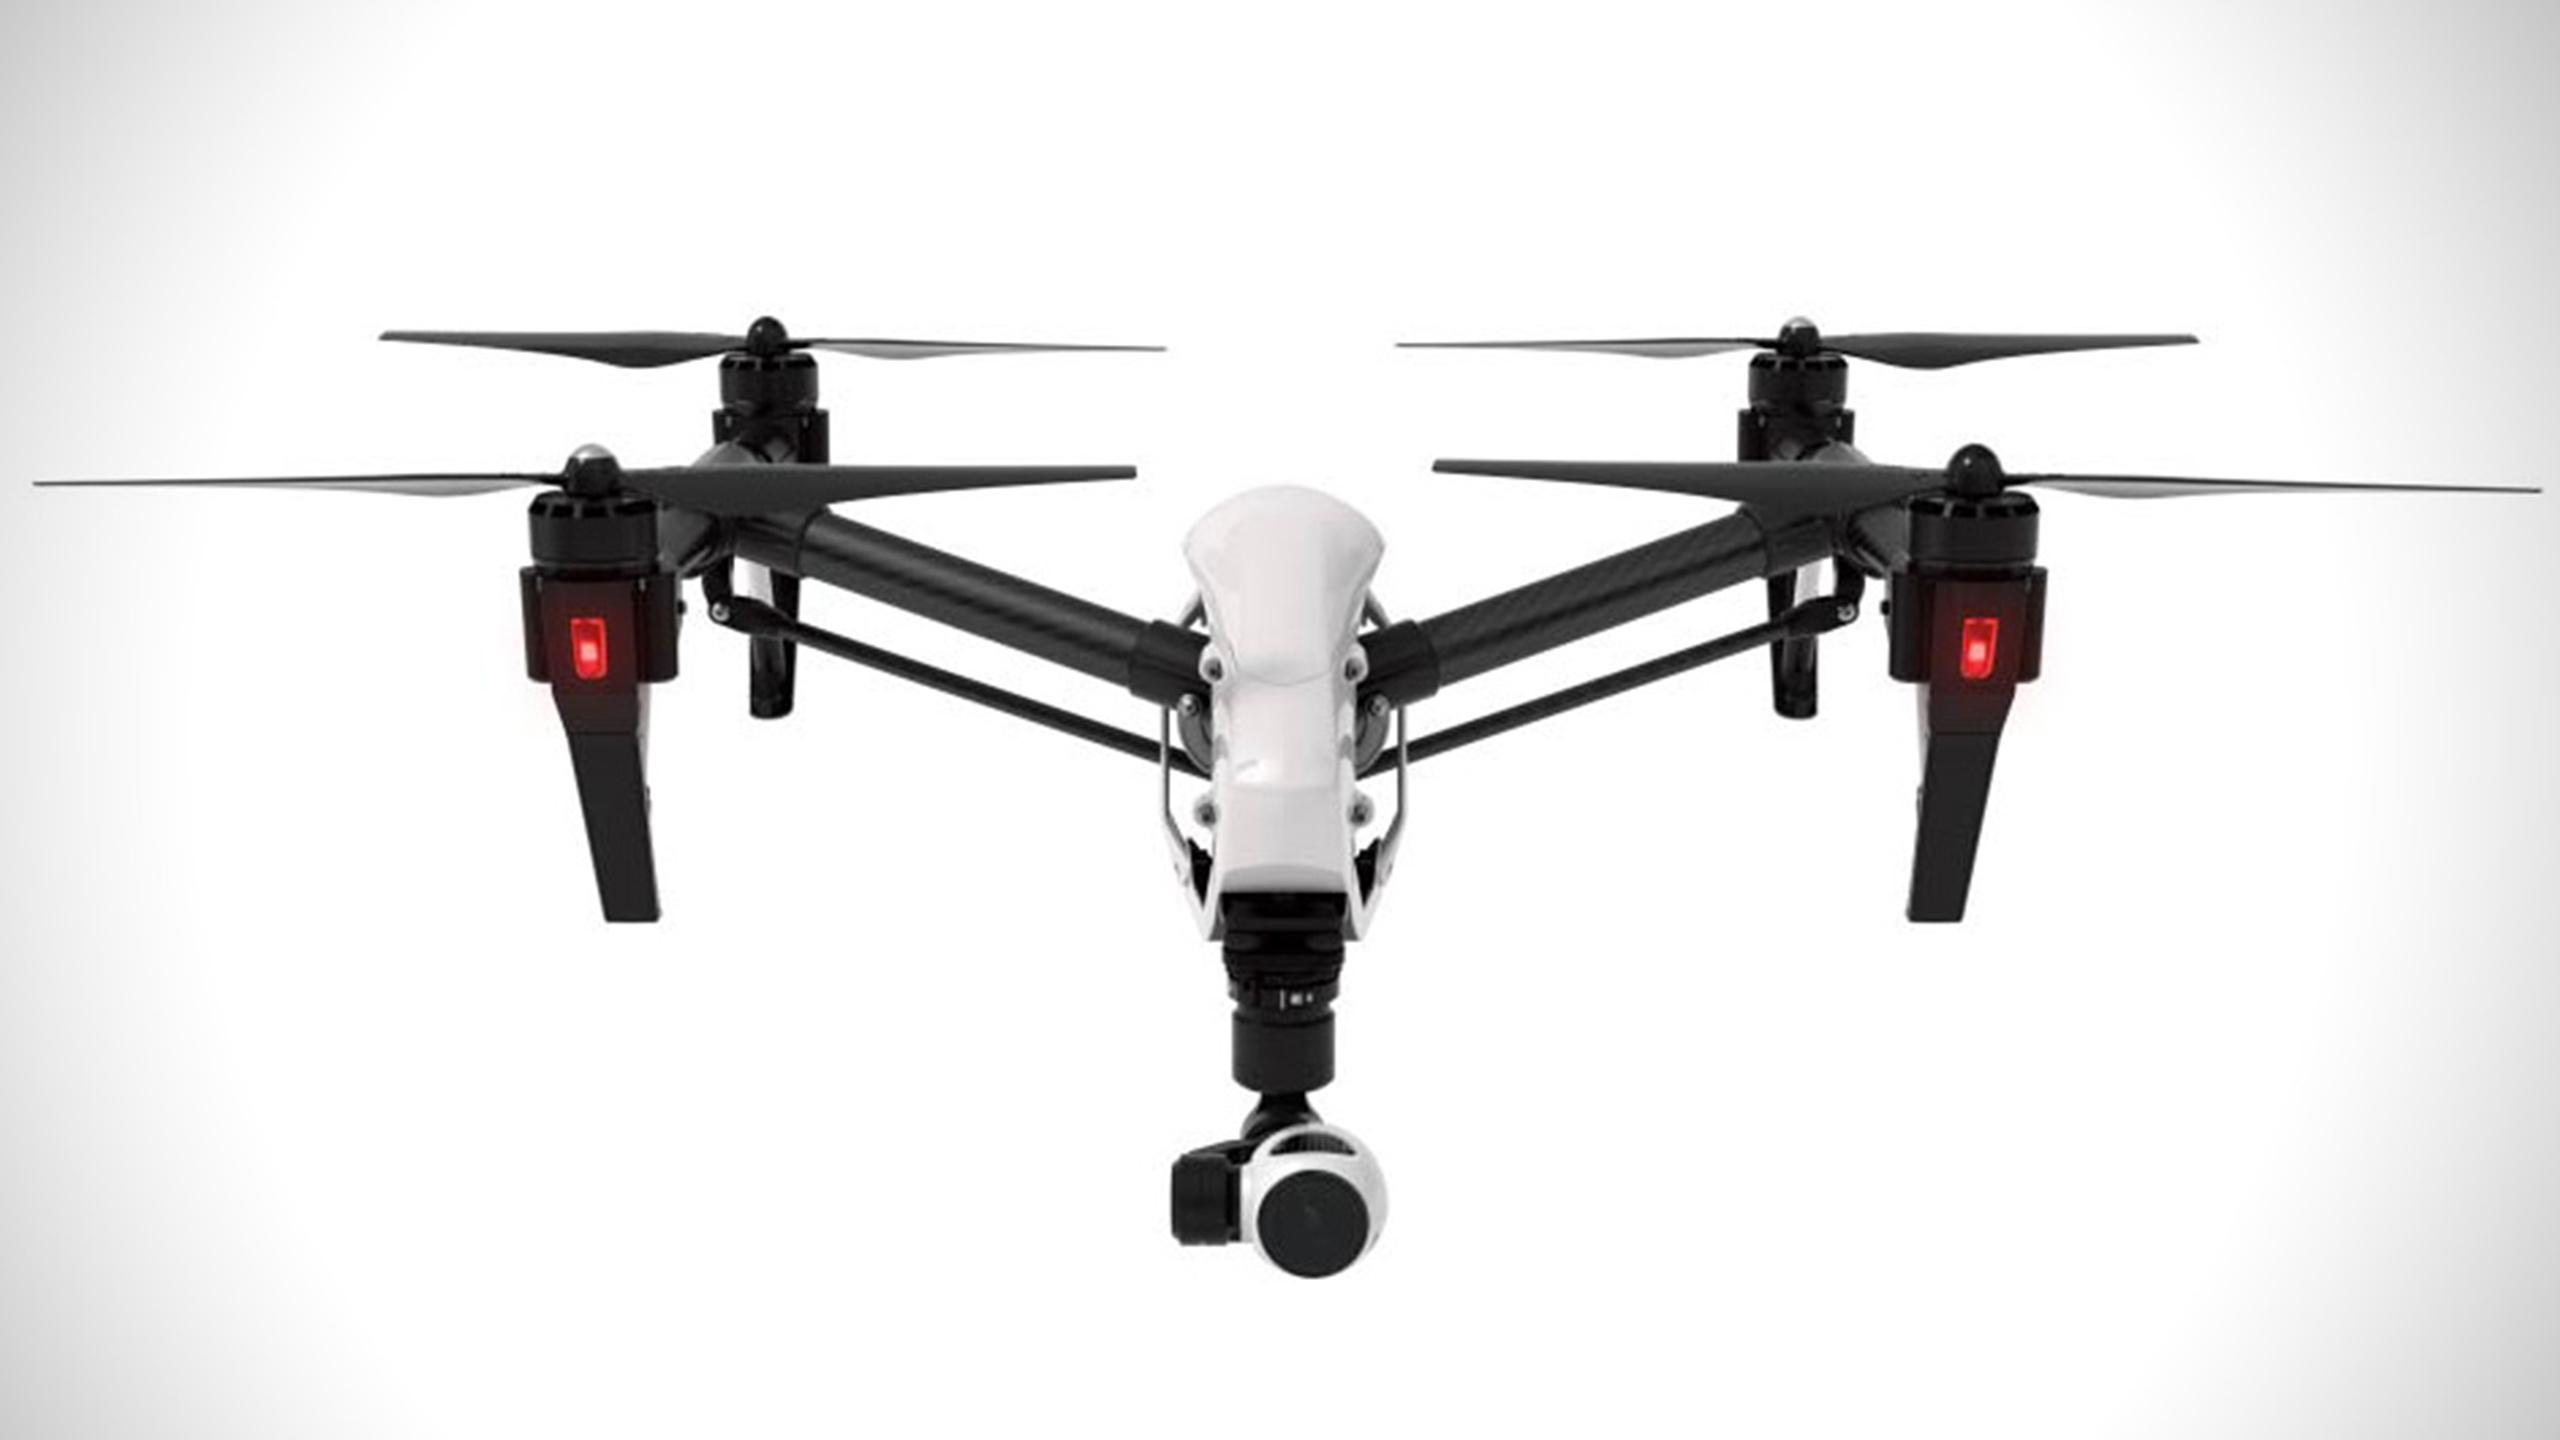 A multi-rotor drone